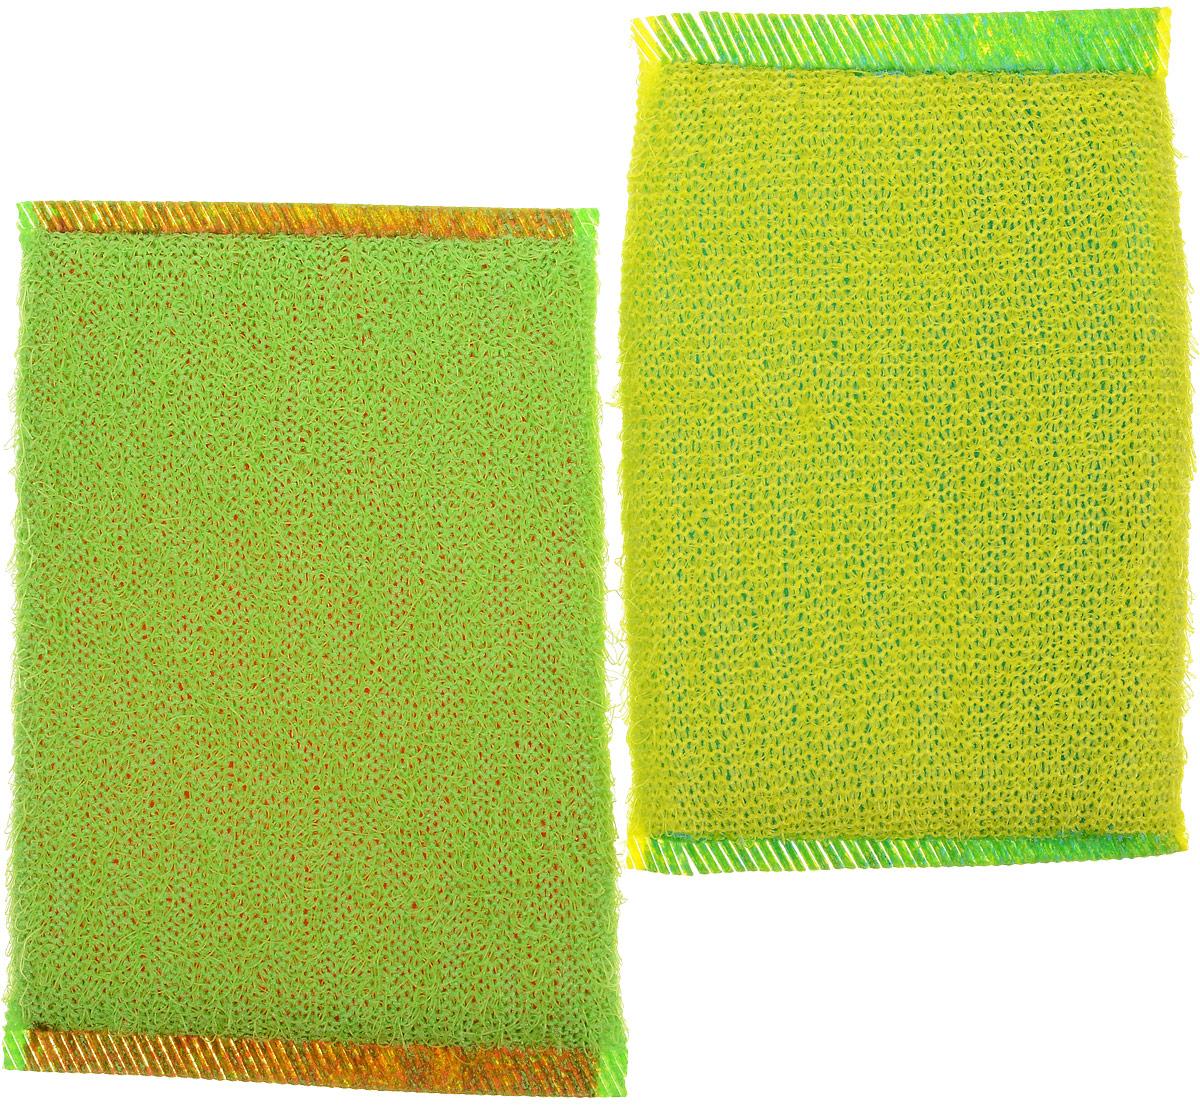 Губка для мытья посуды Хозяюшка Мила Кактус, цвет: желтый, зеленый, 2 шт531-105Набор Хозяюшка Мила Кактус состоит из 2 губок, изготовленных из поролона. Они предназначены для интенсивной чистки и удаления сильных загрязнений с посуды (противни, решетки-гриль, кастрюли).Не рекомендуется использовать для посуды с антипригарным покрытием. Губки сохраняют чистоту и свежесть даже после многократного применения, а их эргономичная форма удобна для руки.Размер губки: 12 см х 2 см х 8 см.